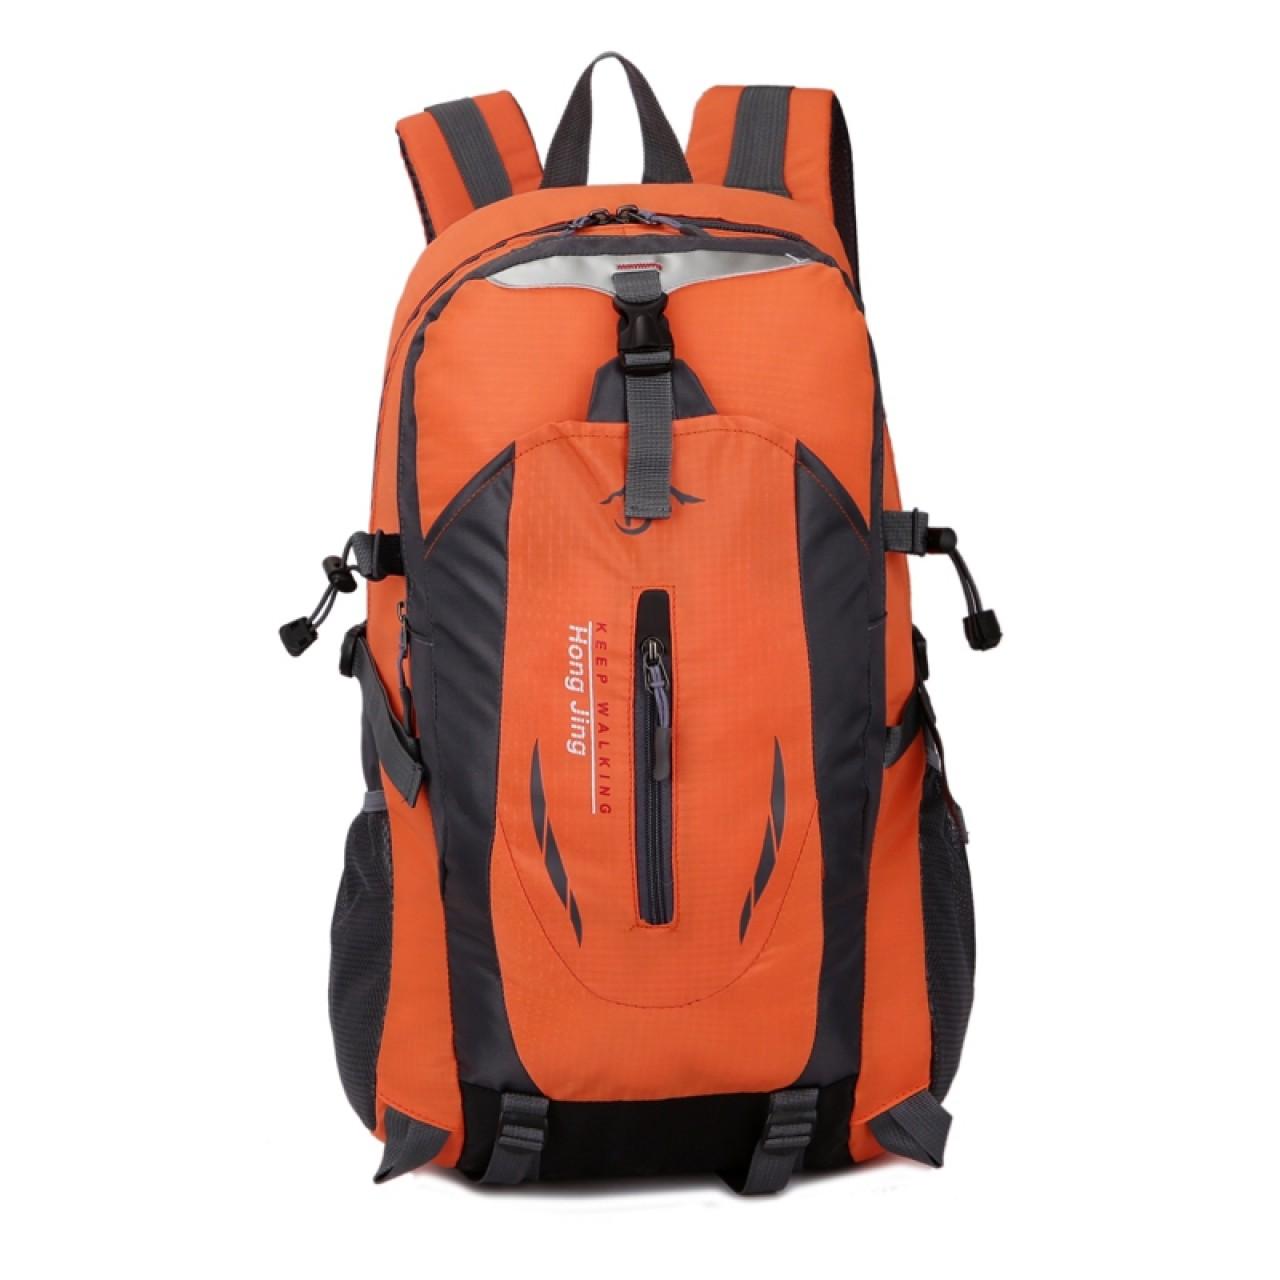 4b6a4a6843c Casual Waterproof Simple Backpack τσάντας πλάτης αδιάβροχη μαύρο-πορτοκαλί  Hobby - Αθλητισμός